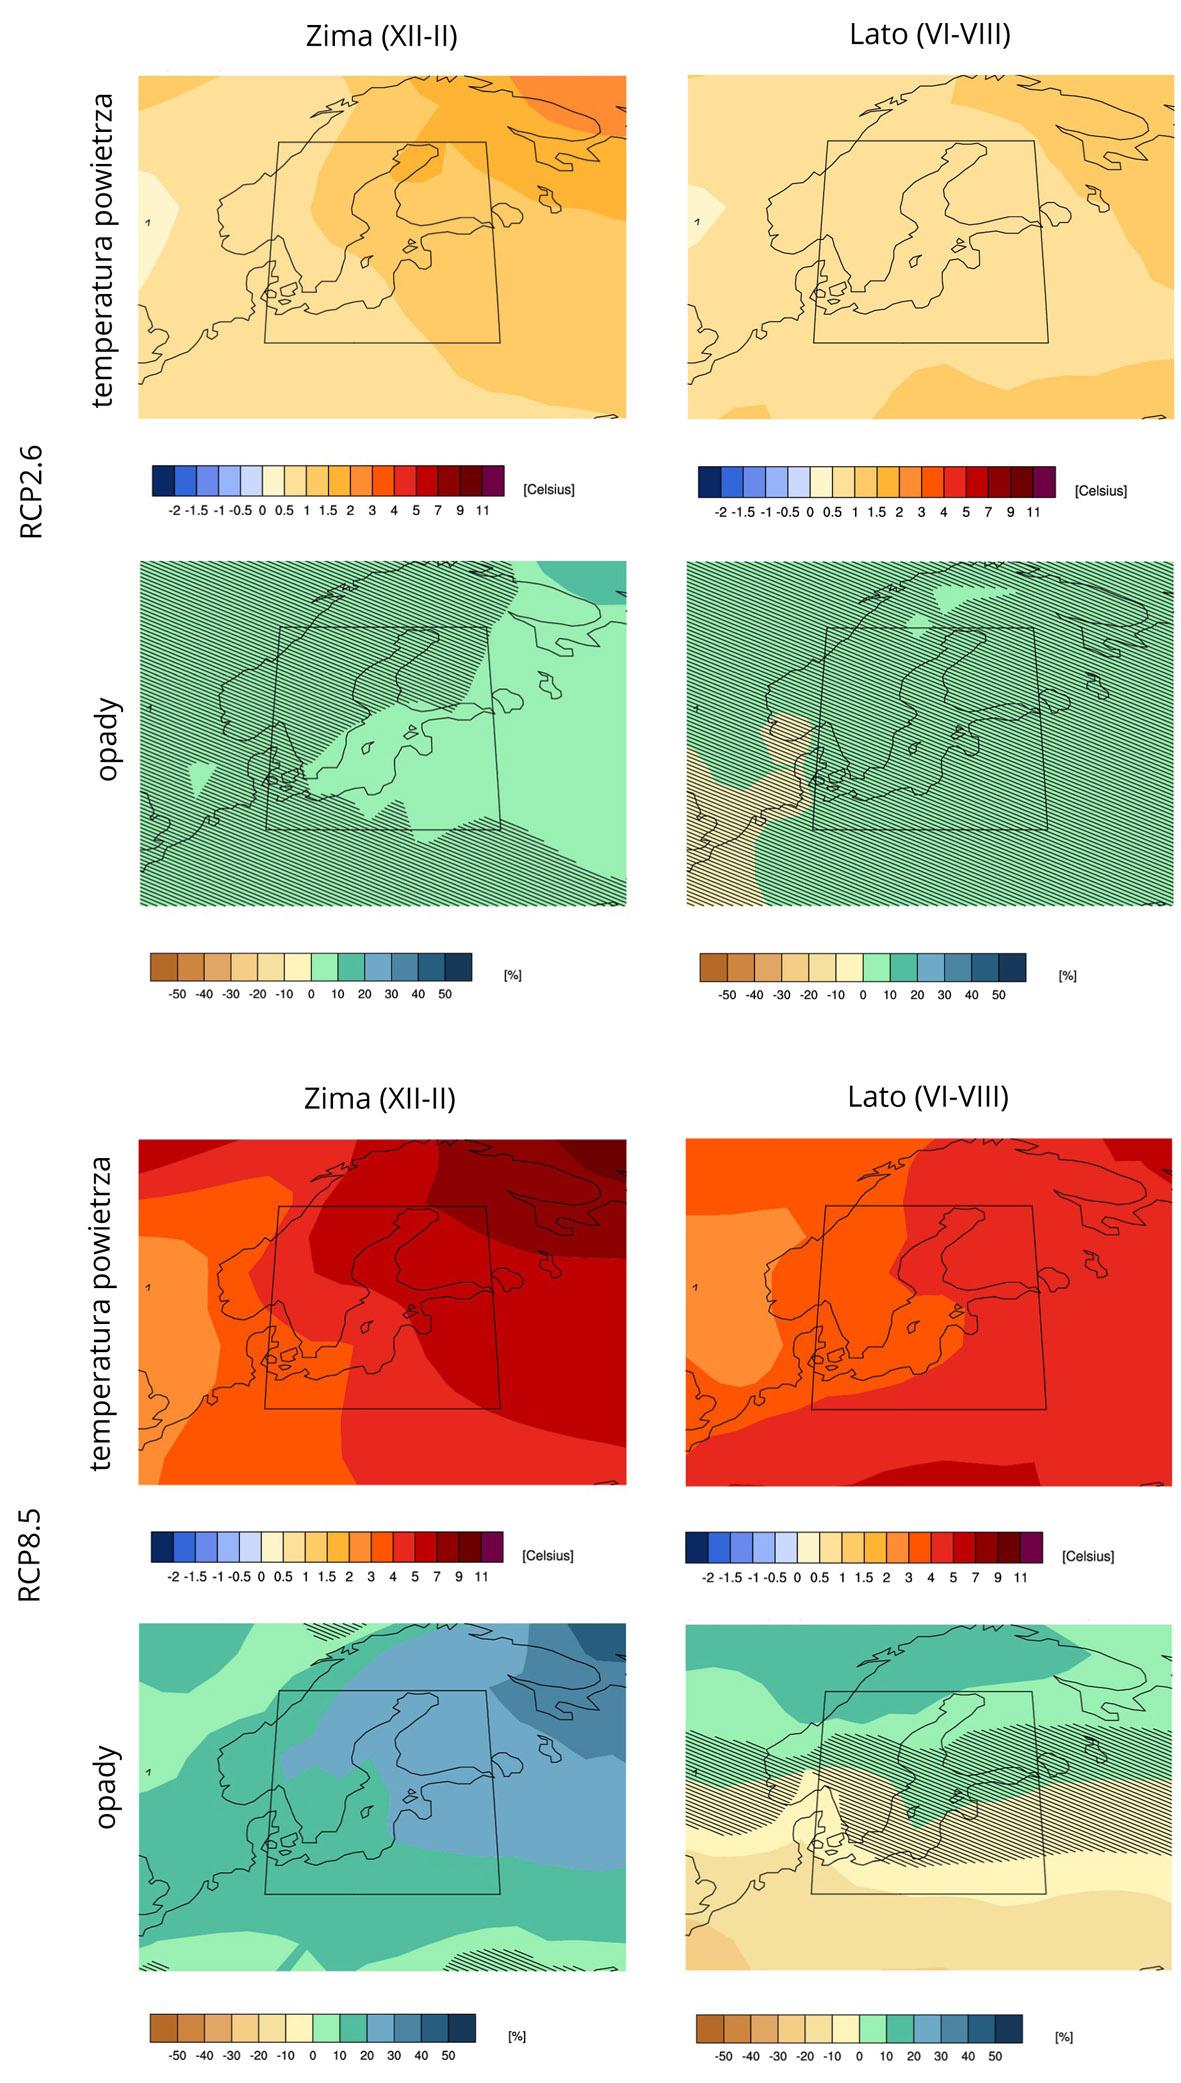 Zmiana (względem okresu 1991-2020) wartości temperatury powietrza (°C) oraz opadu (%) dla obszaru Morza Bałtyckiego (źródło: KNMI Climate Change Explorer, https://climexp.knmi.nl/plot_atlas_form.py).